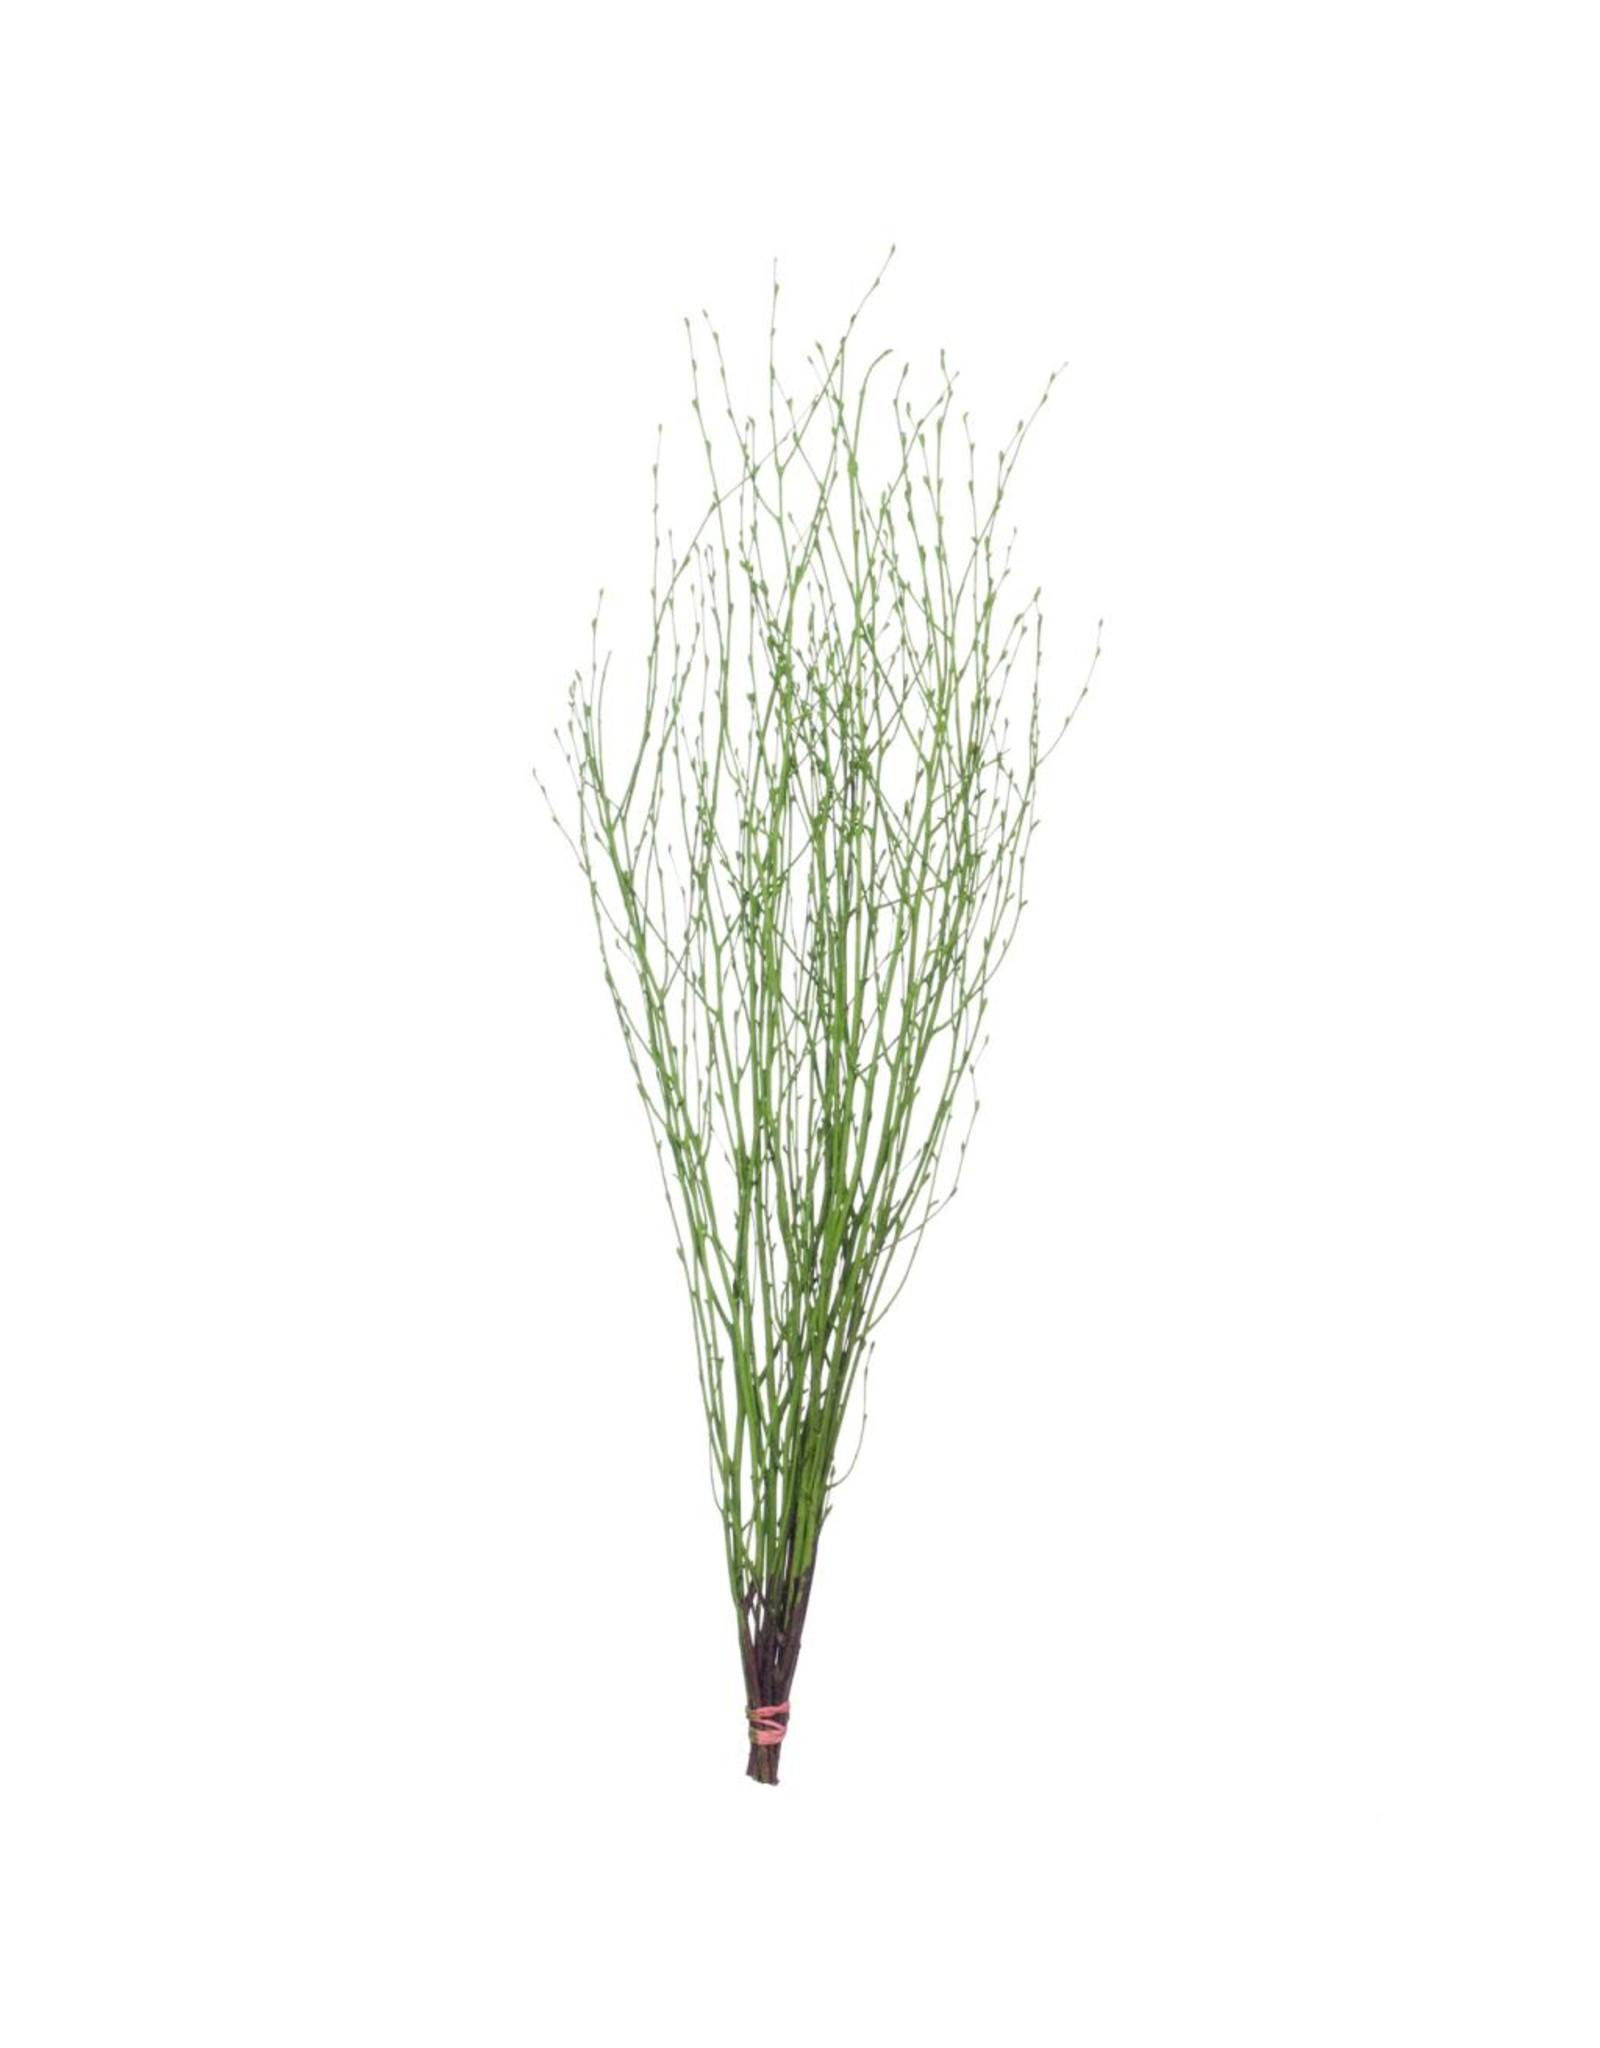 LDD Birch 75cm 5pc spring green x 24